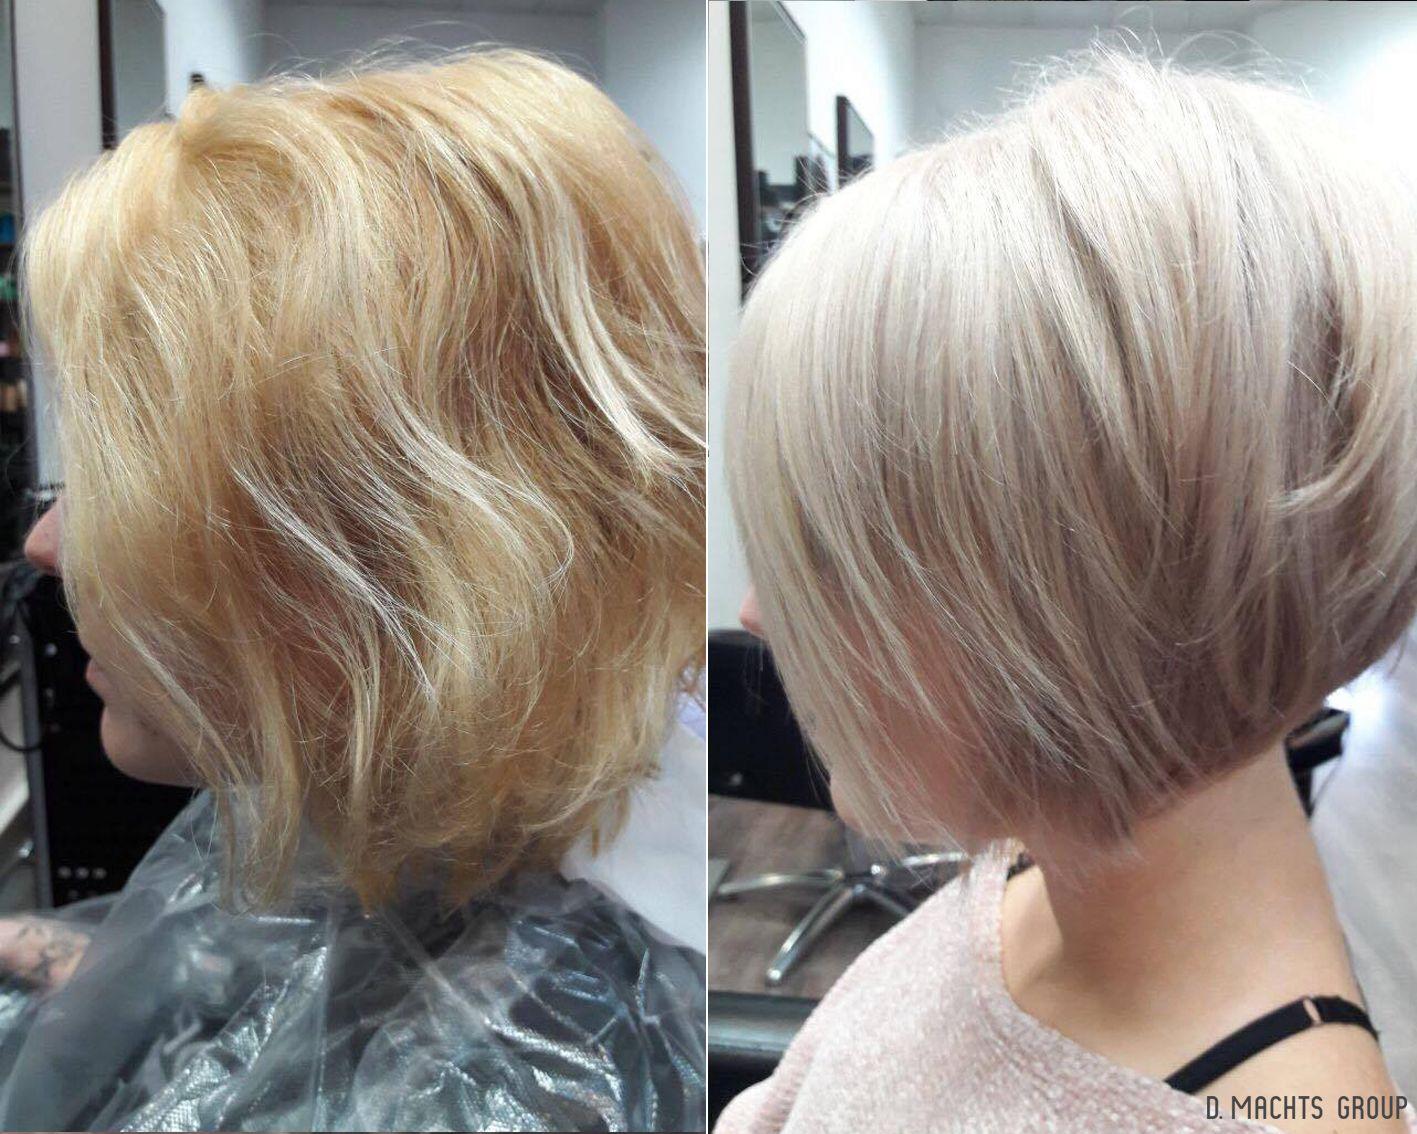 Vorher Nachher Frisuren Gestufter Haarschnitt Bob Kuhles Blond Haarfarbe Fur Kurzhaar Friseur In Berlin Dm Gestufter Haarschnitt Haarschnitt Kuhles Blond